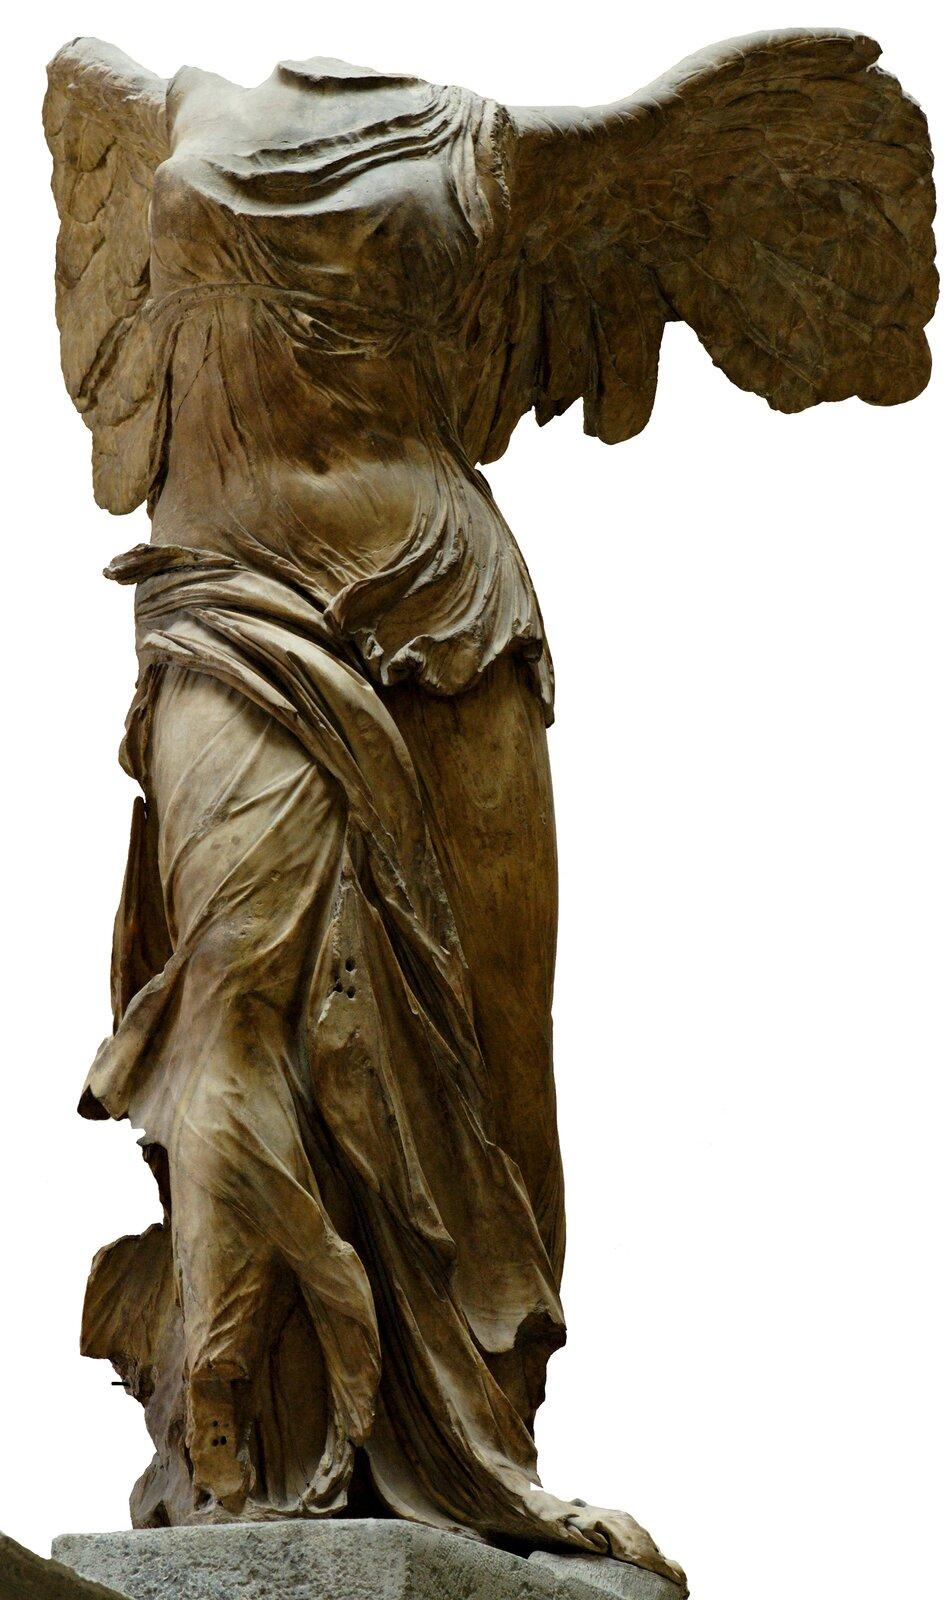 Nike zSamotraki Źródło: Nike zSamotraki, ok. 190–160 p.n.e., marmur, Luwr, domena publiczna.